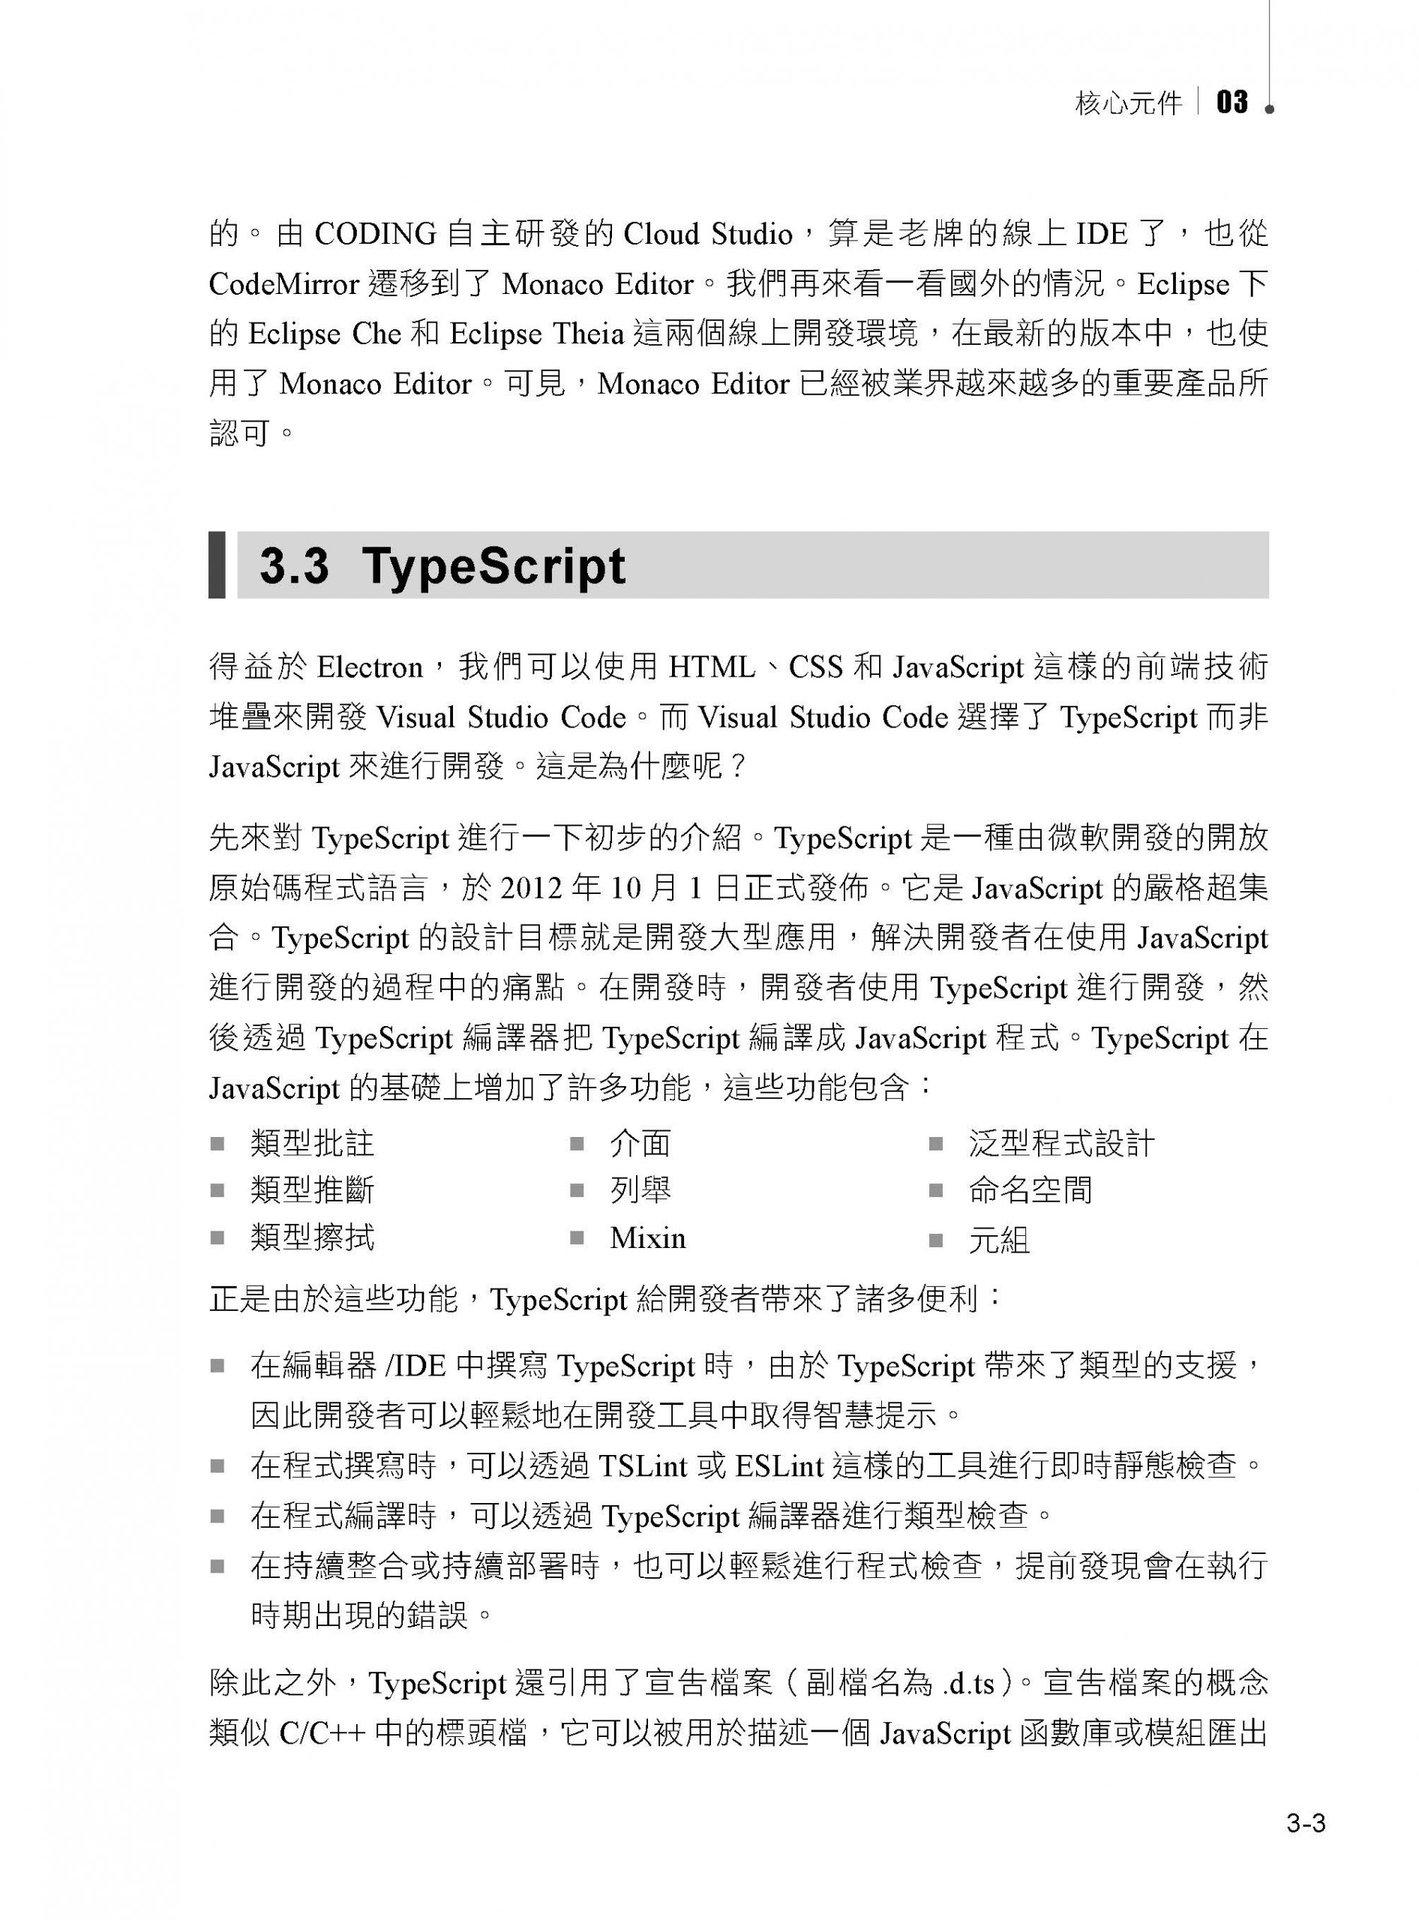 小輕快跨平台:王的編輯器 Visual Studio Code 聖經-preview-14